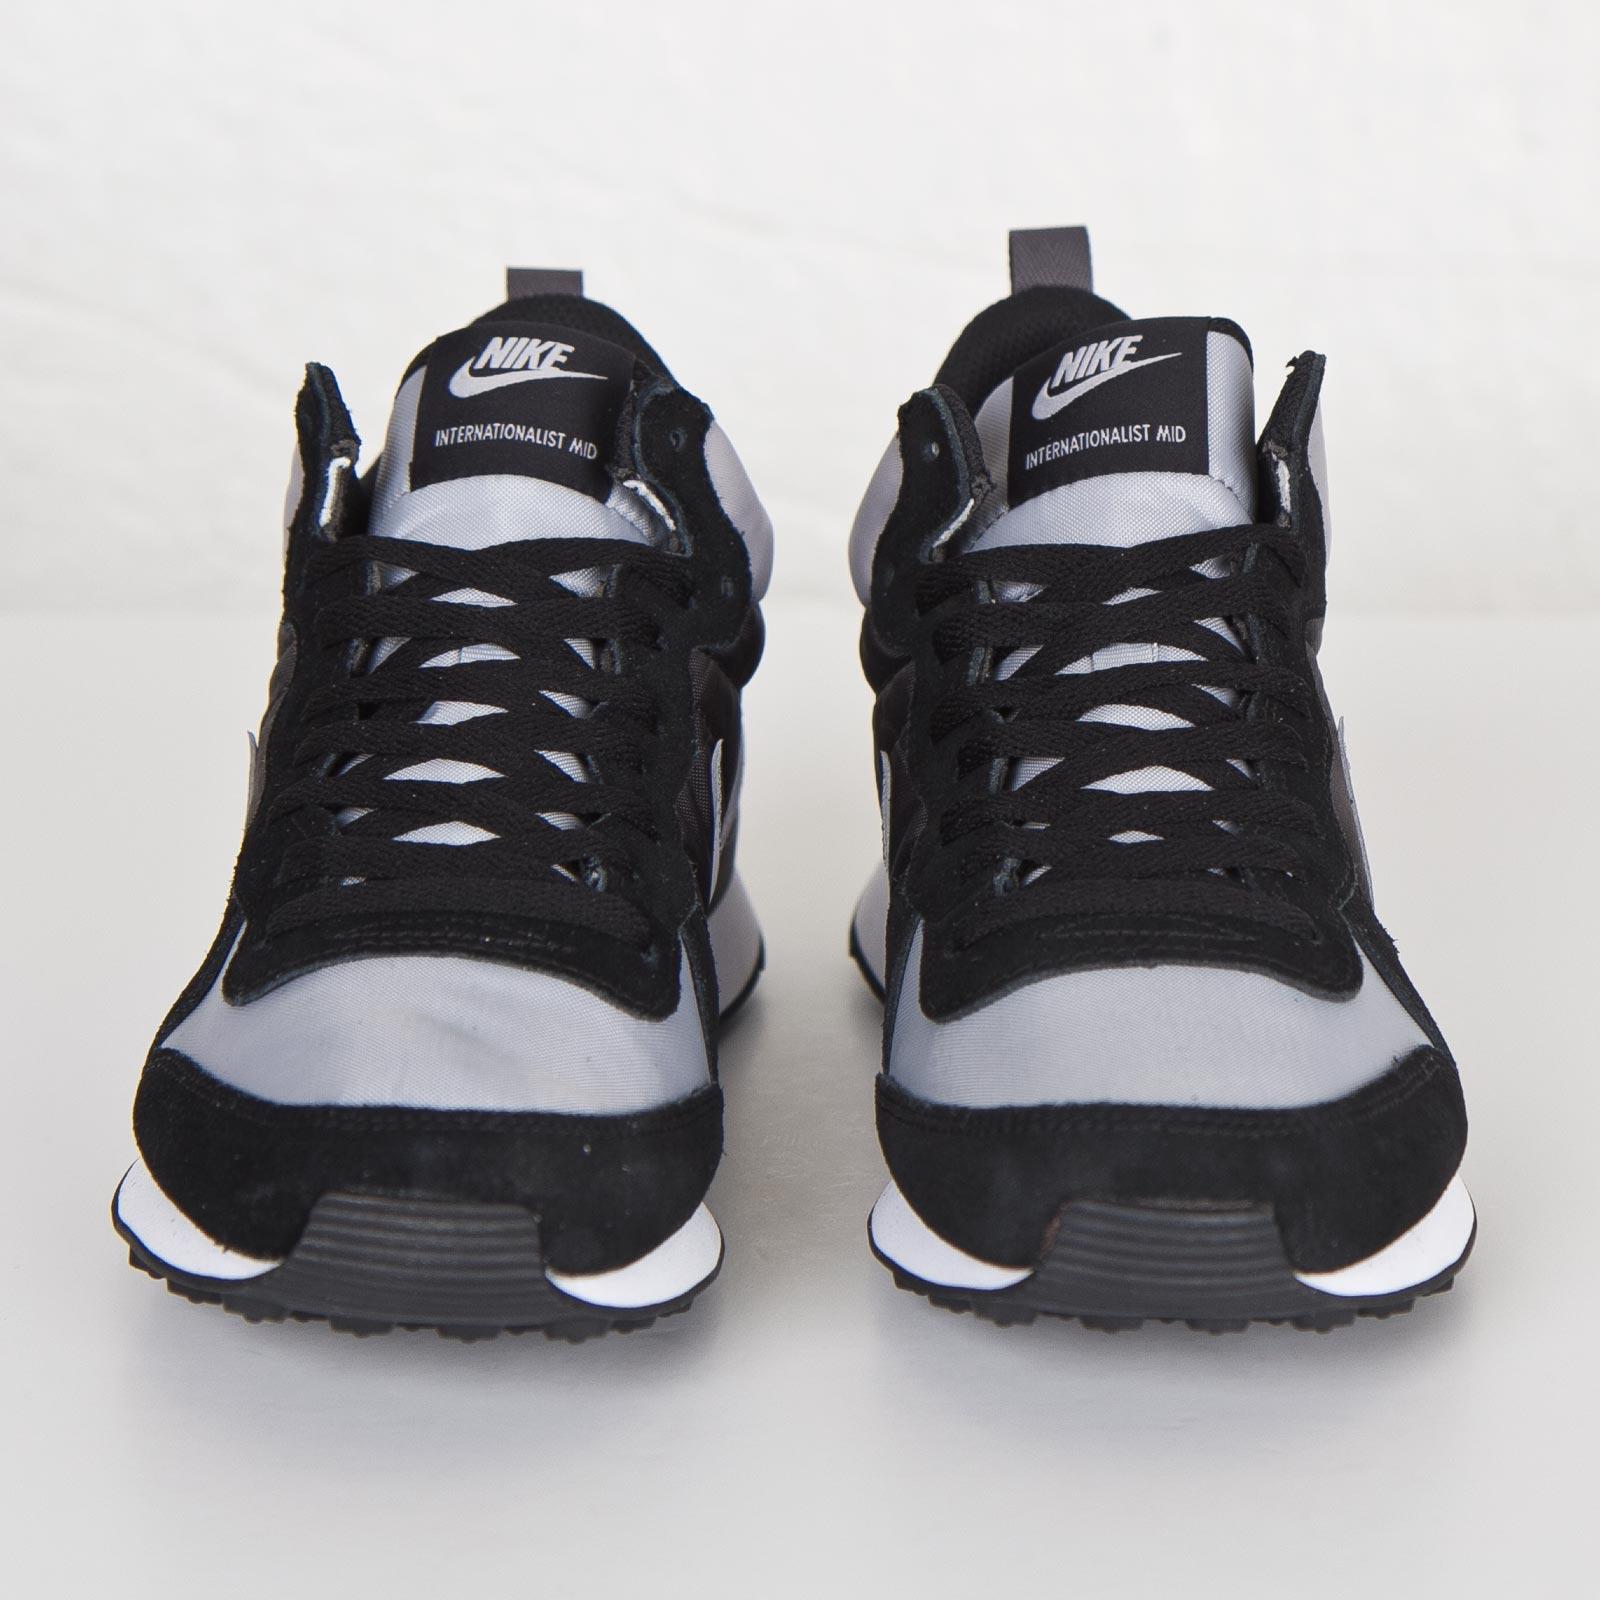 purchase cheap 26b77 a41df Nike Internationalist Mid - 682844-009 - Sneakersnstuff   sneakers    streetwear online since 1999